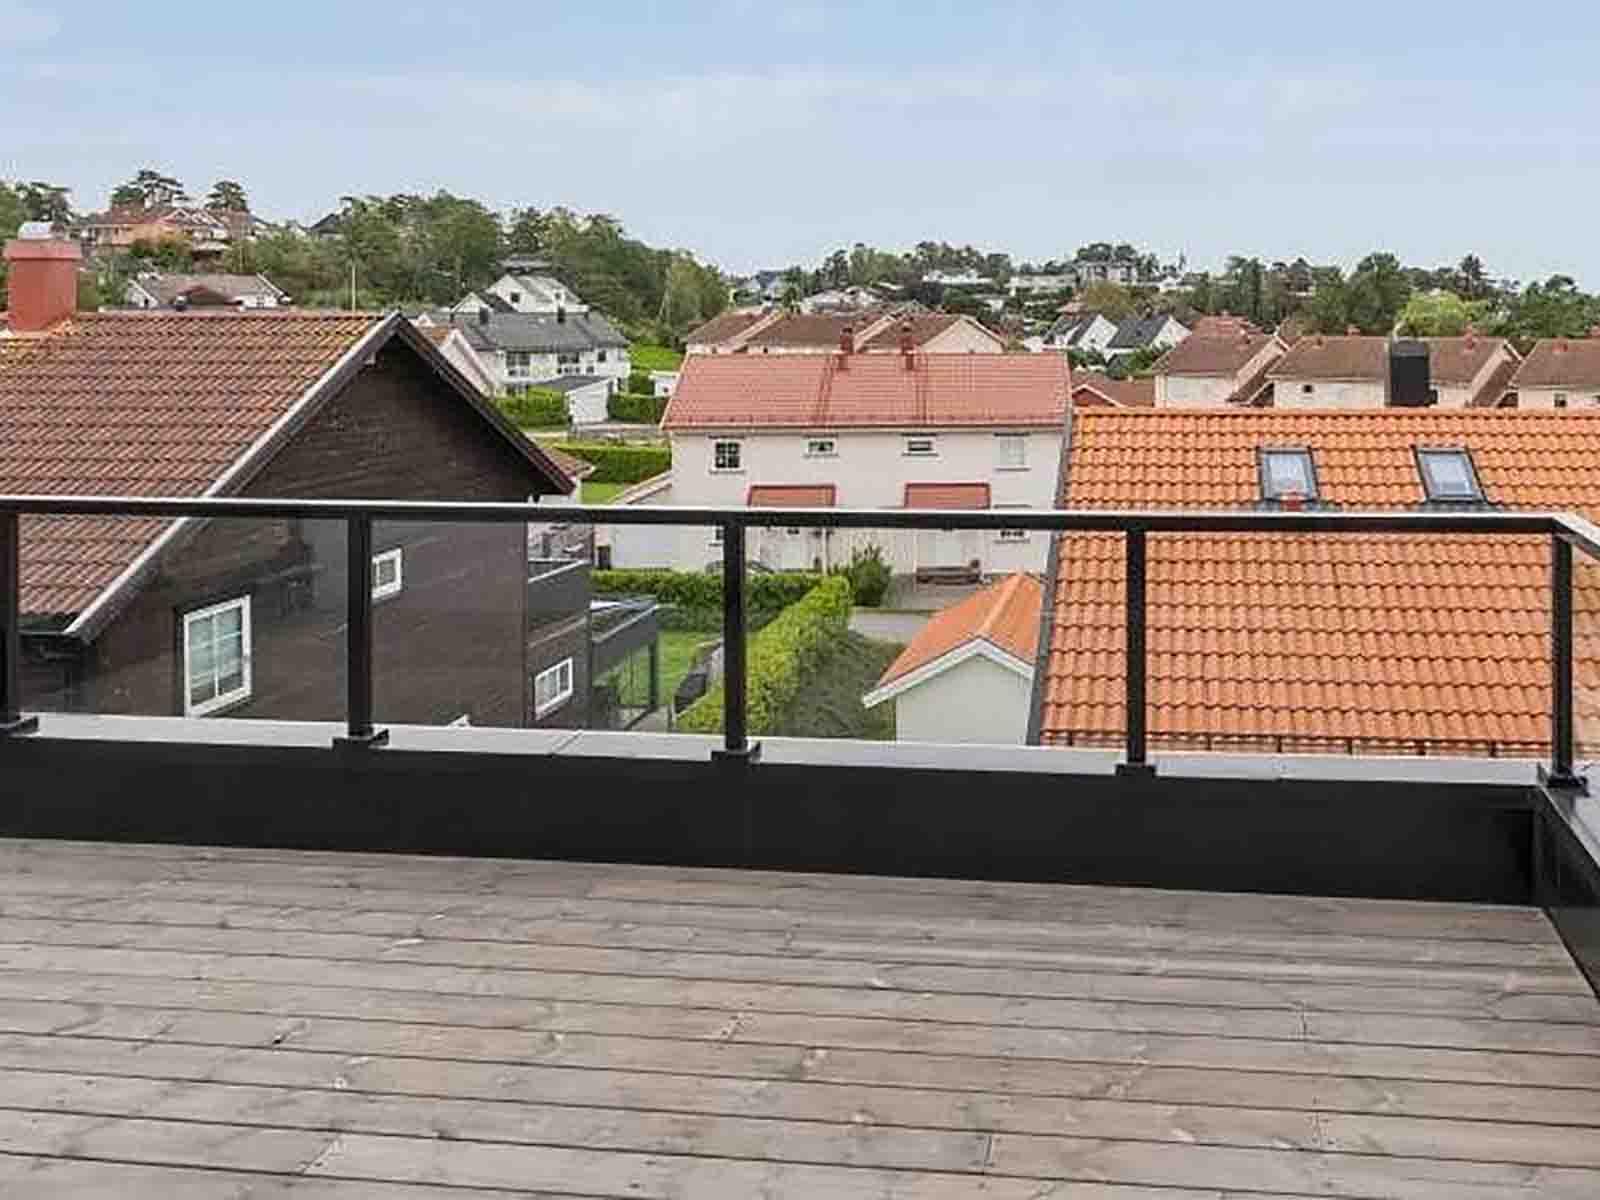 glassrekkverk med svarte stolper og håndløper til takterrasse